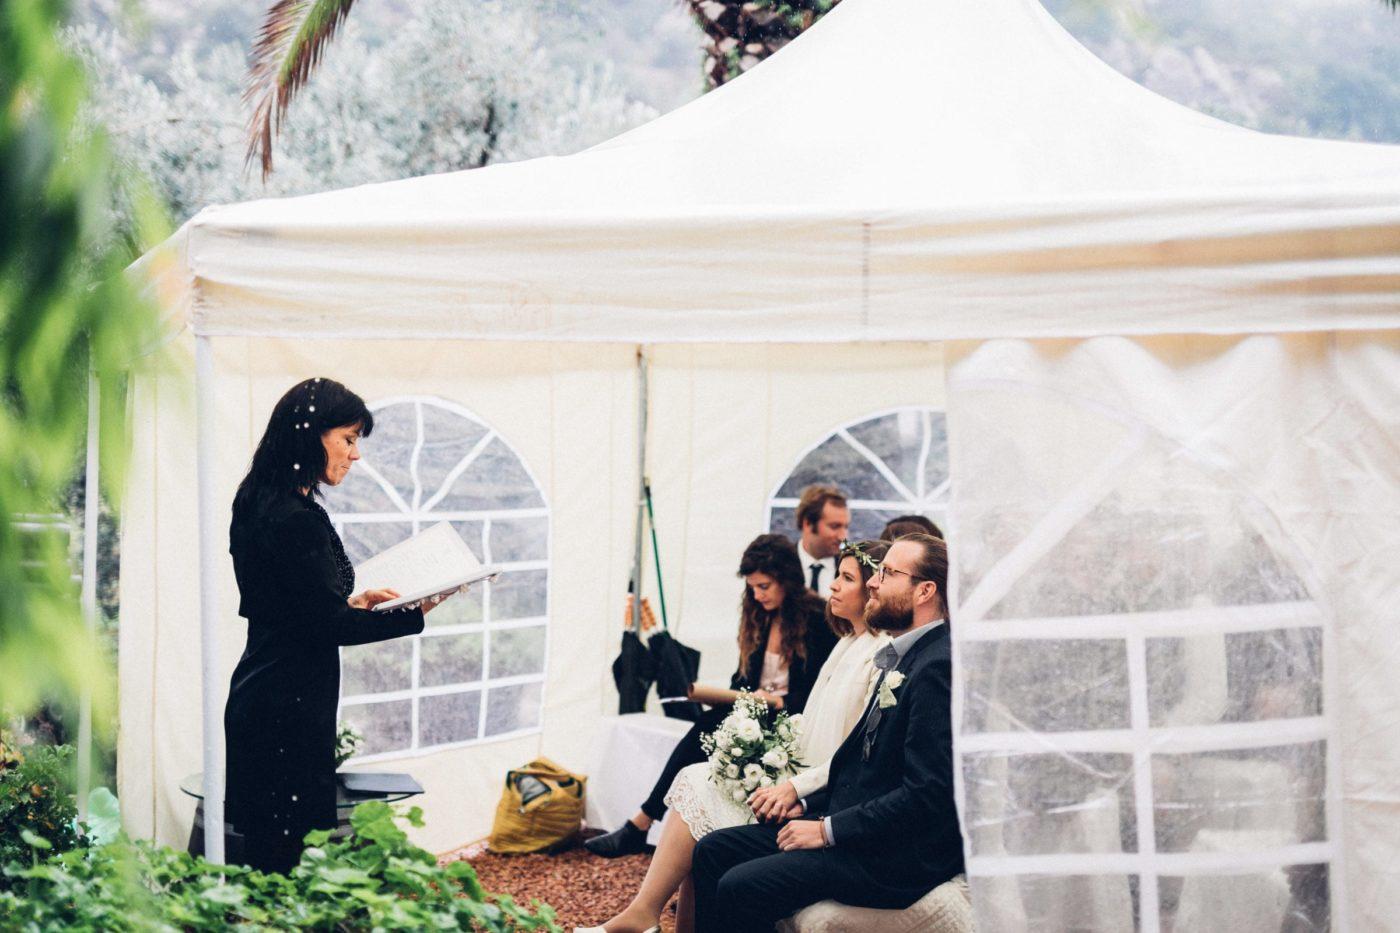 Blick auf mich und das Brautpaar, sowie dem weissen Hochzeit Regenzelt.